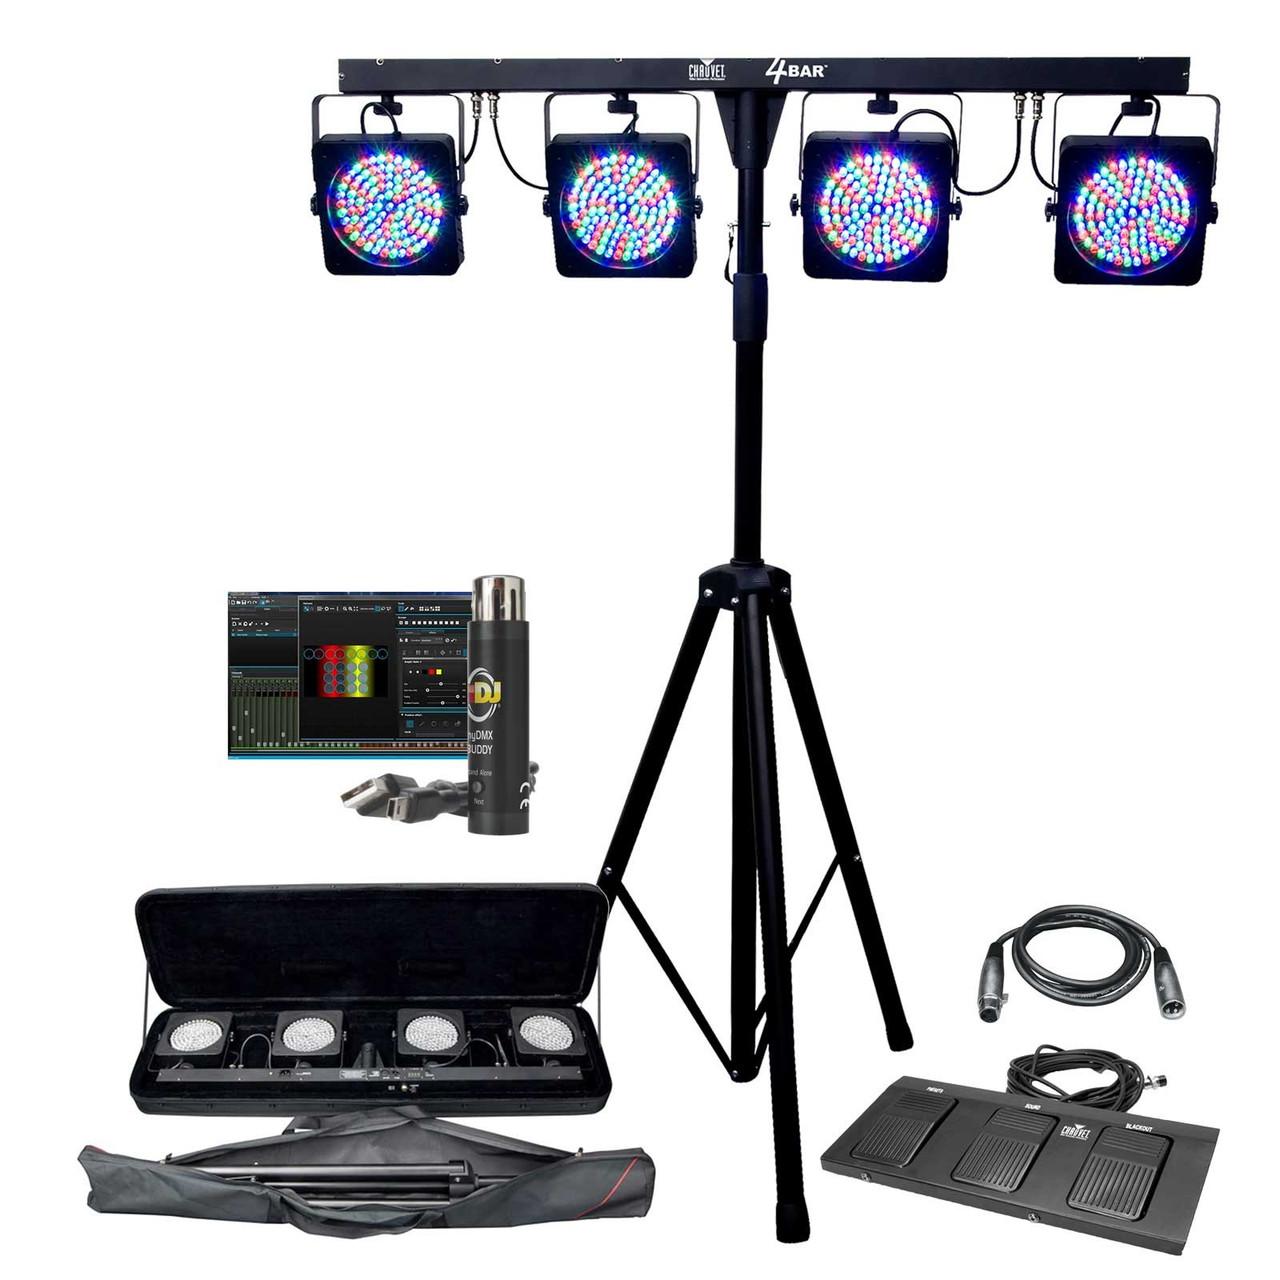 chauvet dj lighting package pkg ch 058 4bar led stage wash light system adj mydmx buddy package